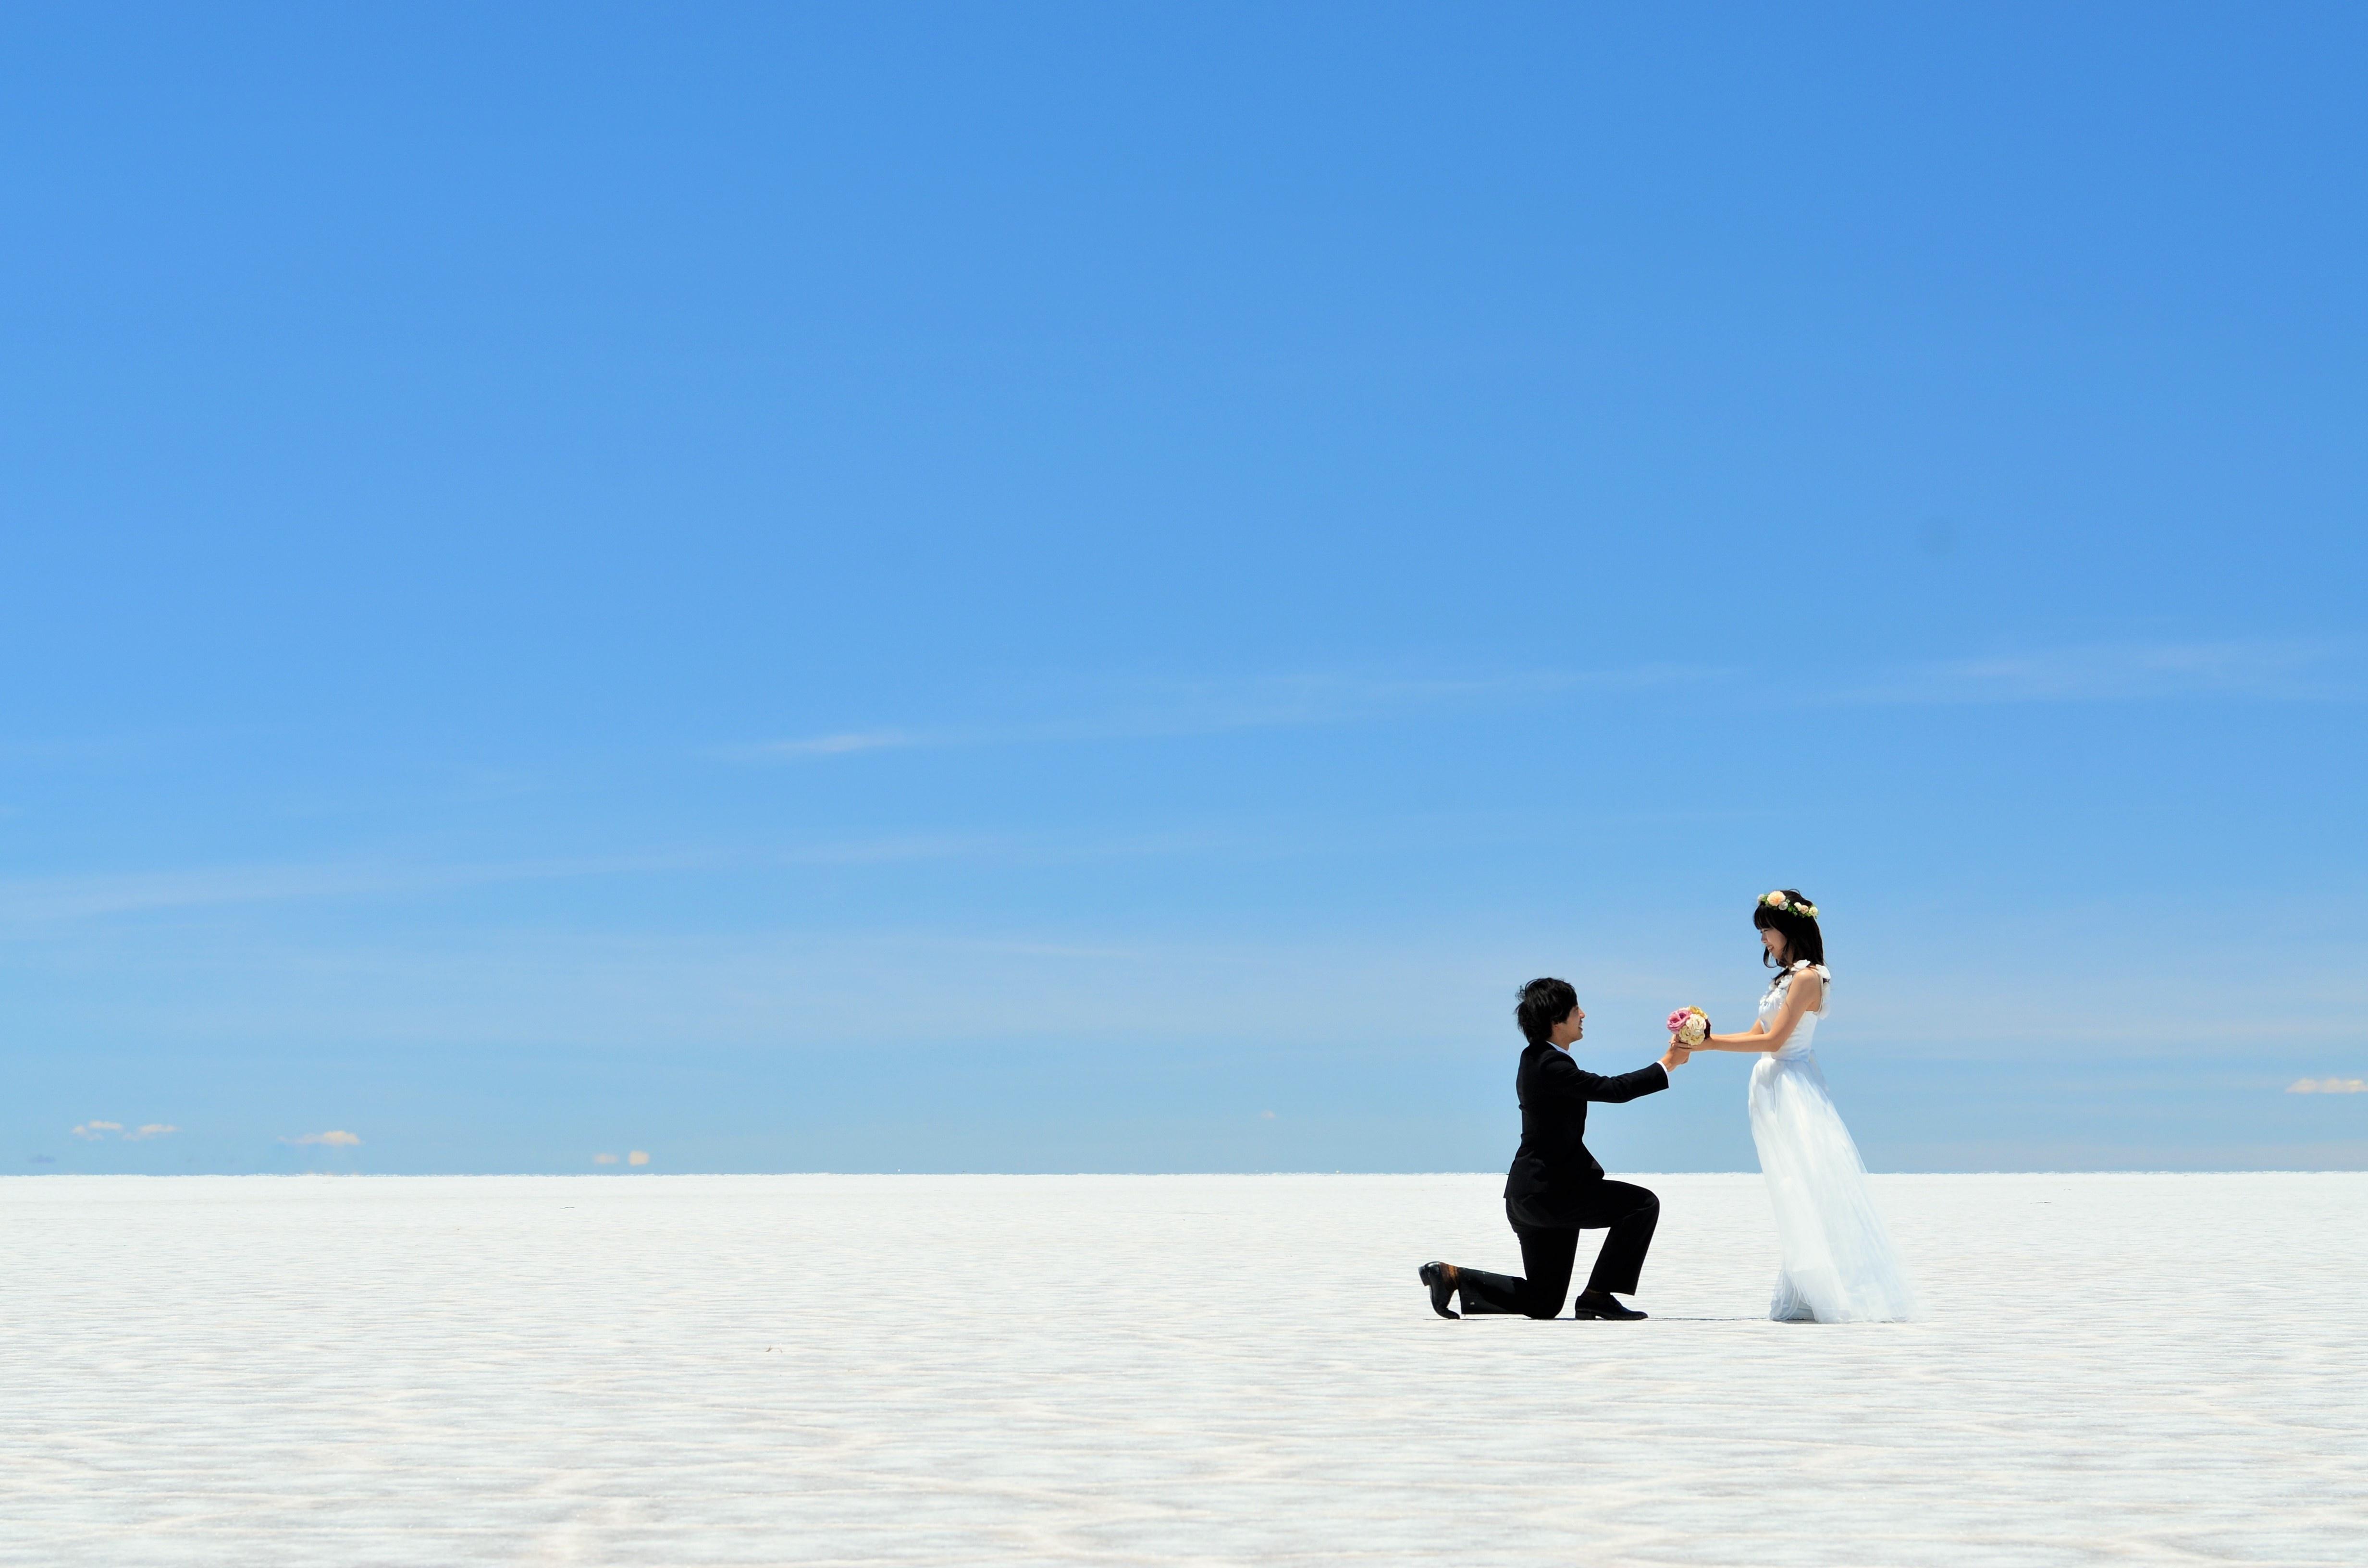 ブライダルフェアに参加して、結婚式のイメージ具体的に持とう